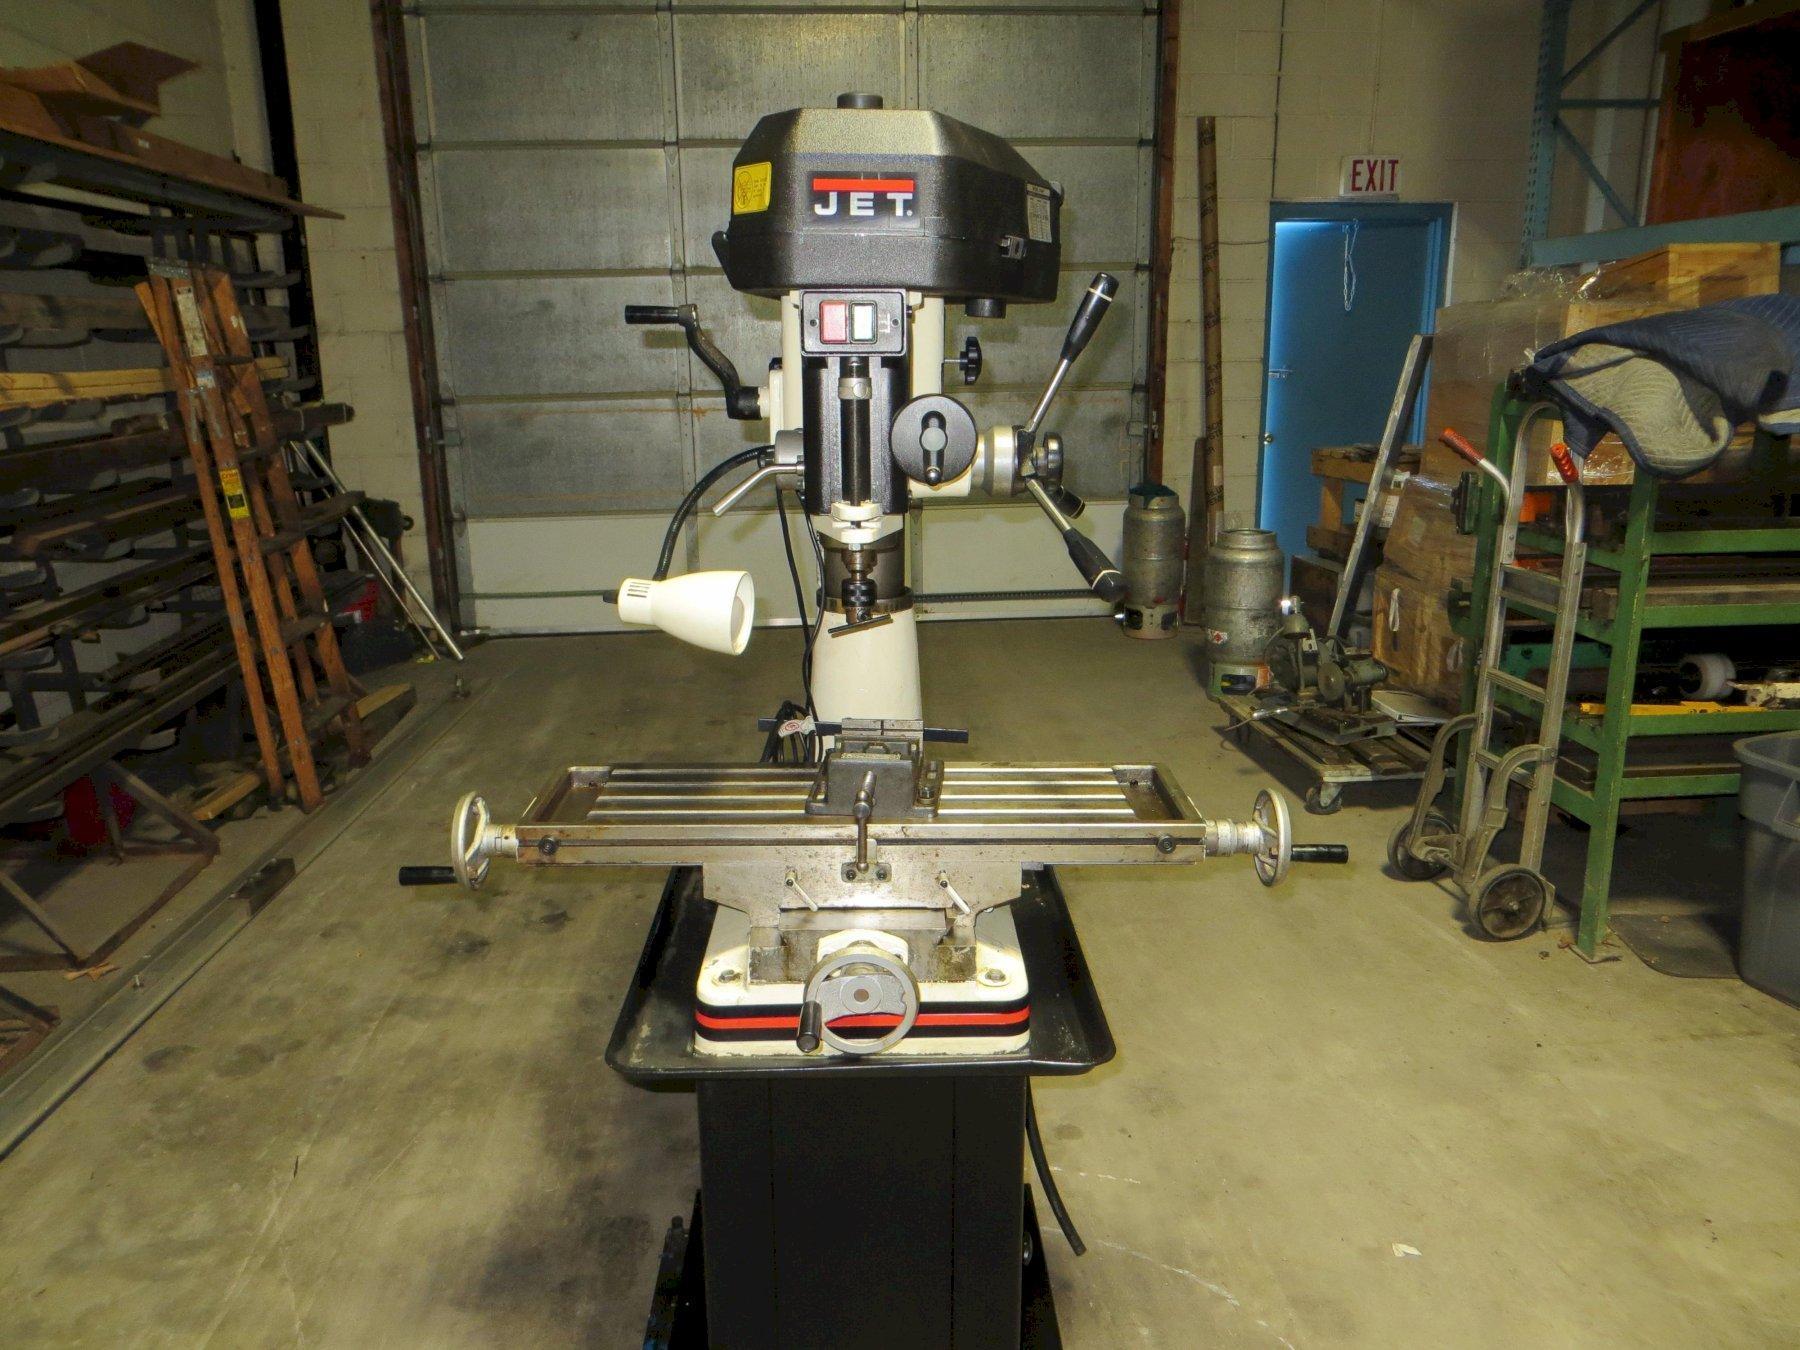 Jet Mill/Drill Model JMD-18 w/ Stand